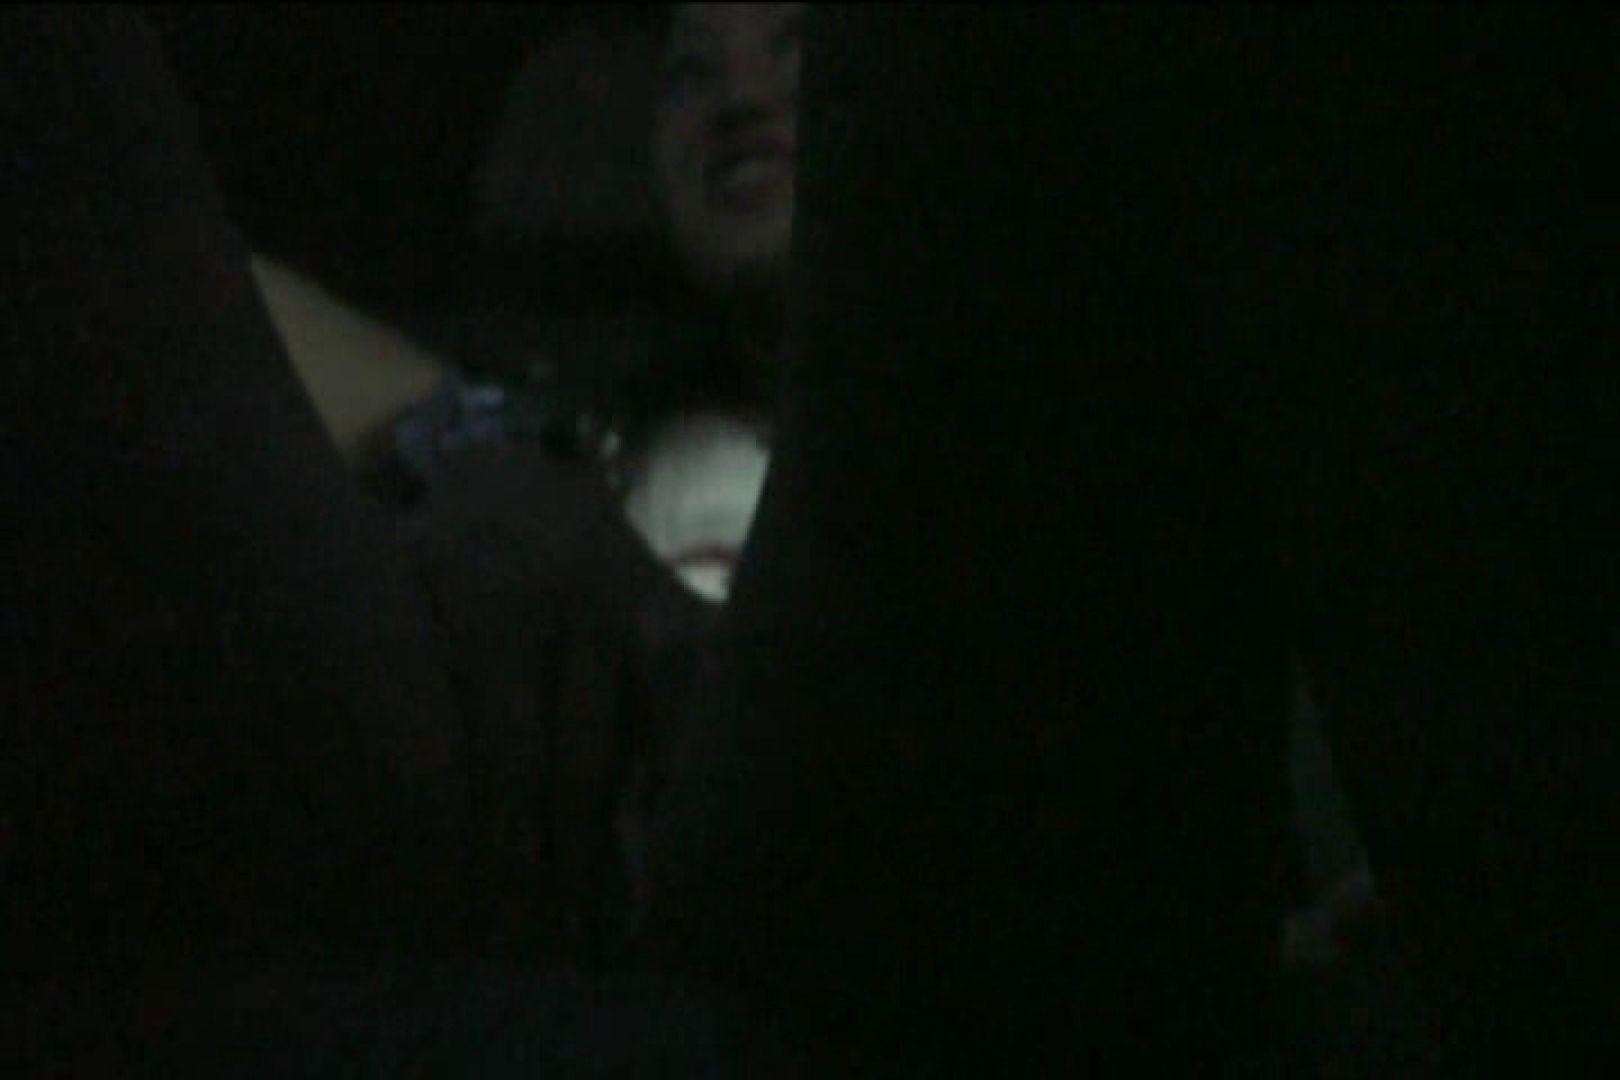 車内で初めまして! vol01 ハプニング   盗撮  68pic 37